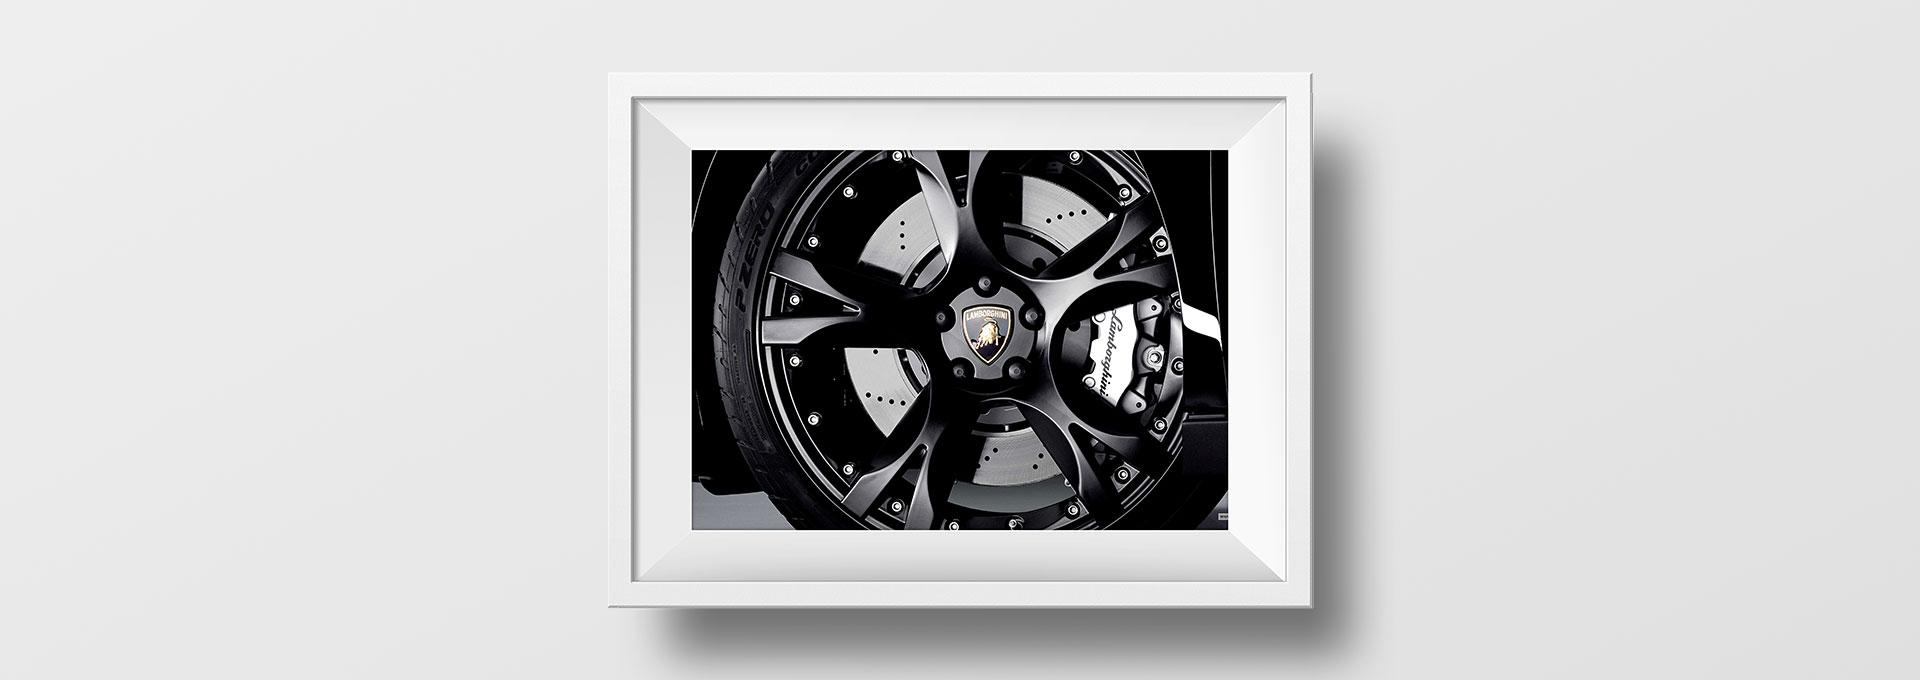 Tableau roue Lamborghini